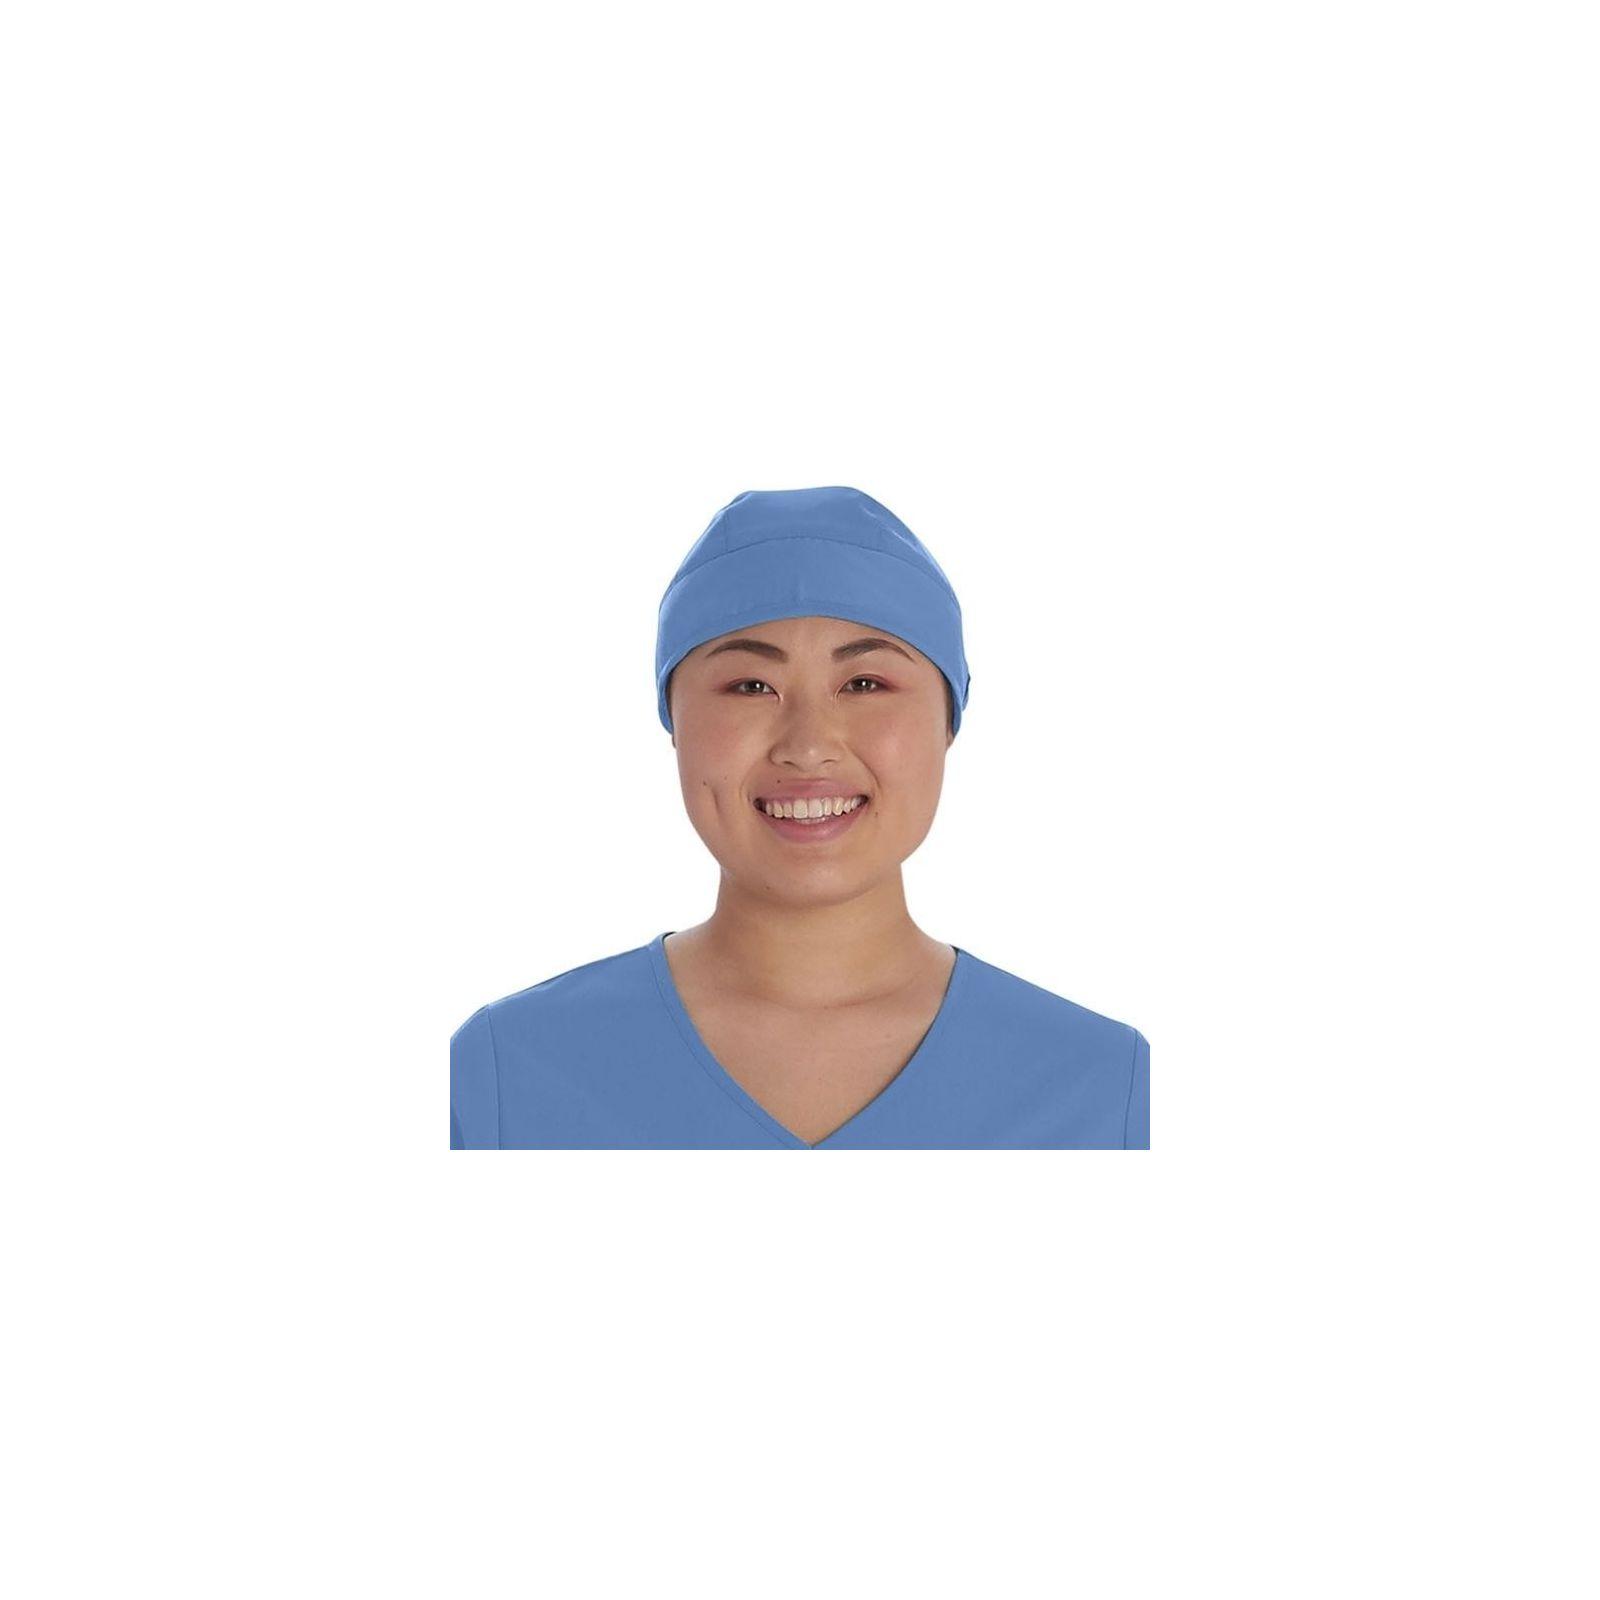 Calot médical Bleu ciel (VT520CIE) vue face